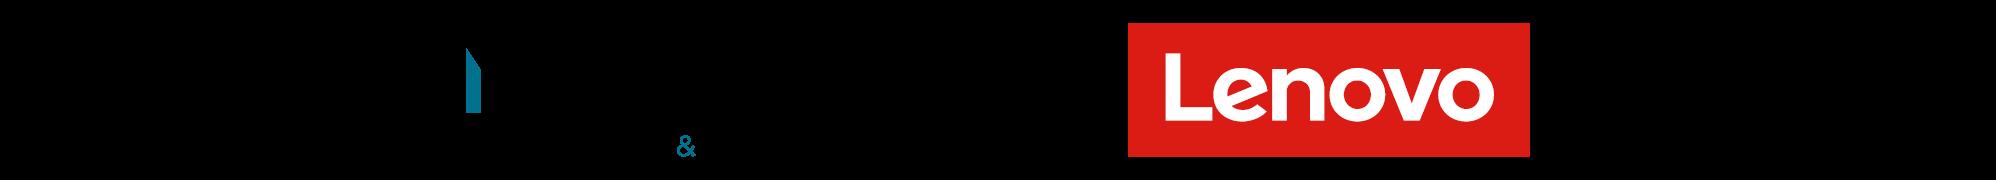 lenovo and mobilis